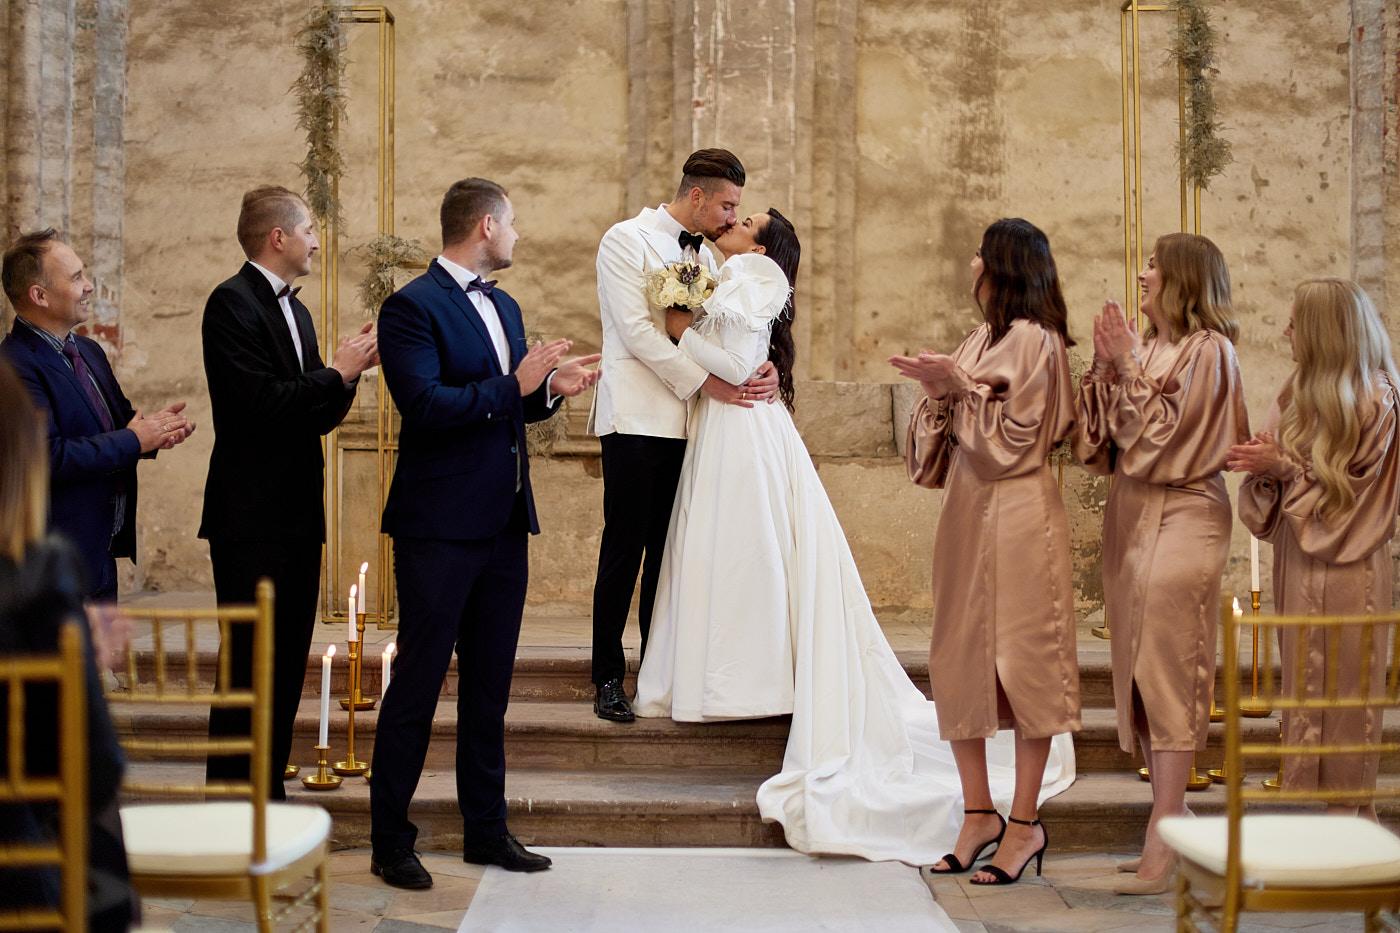 wyjątkowy ślub - fotograf ślubny wrocław